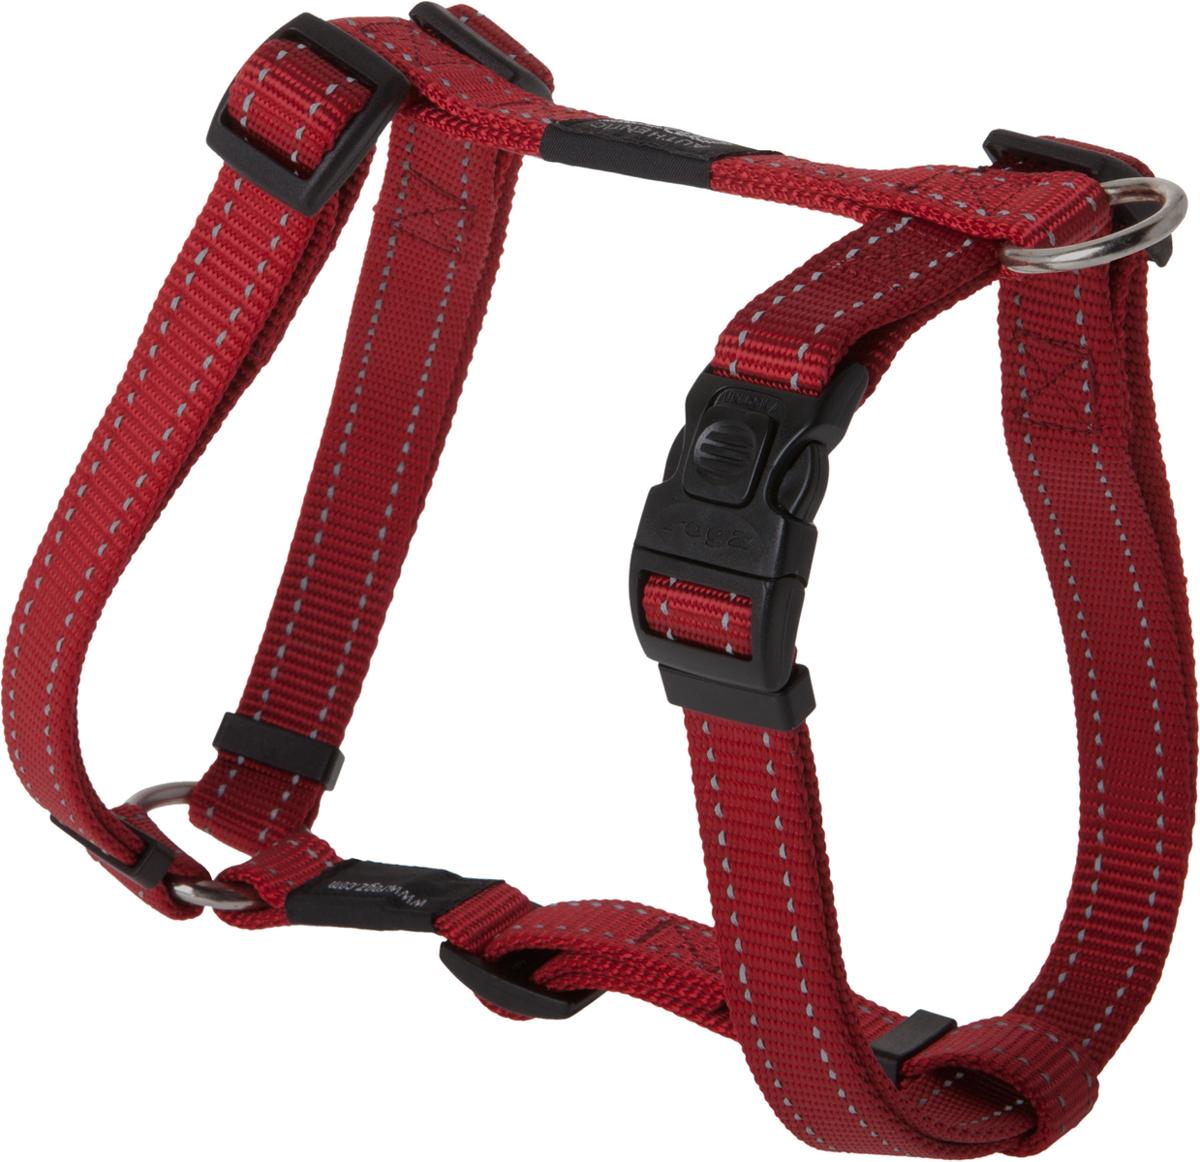 Шлейка для собак Rogz Utility, цвет: красный, ширина 2 см. Размер L12171996Шлейка для собак Rogz Utility со светоотражающей нитью, вплетенной в нейлоновую ленту, обеспечивает лучшую видимость собаки в темное время суток. Специальная конструкция пряжки Rog Loc - очень крепкая (система Fort Knox). Замок может быть расстегнут только рукой человека. Технология распределения нагрузки позволяет снизить нагрузку на пряжки, изготовленные из титанового пластика, с помощью правильного и разумного расположения грузовых колец, благодаря чему, даже при самых сильных рывках, изделие не рвется и не деформируется.Выполненные специально по заказу ROGZ литые кольца гальванически хромированы, что позволяет избежать коррозии и потускнения изделия.